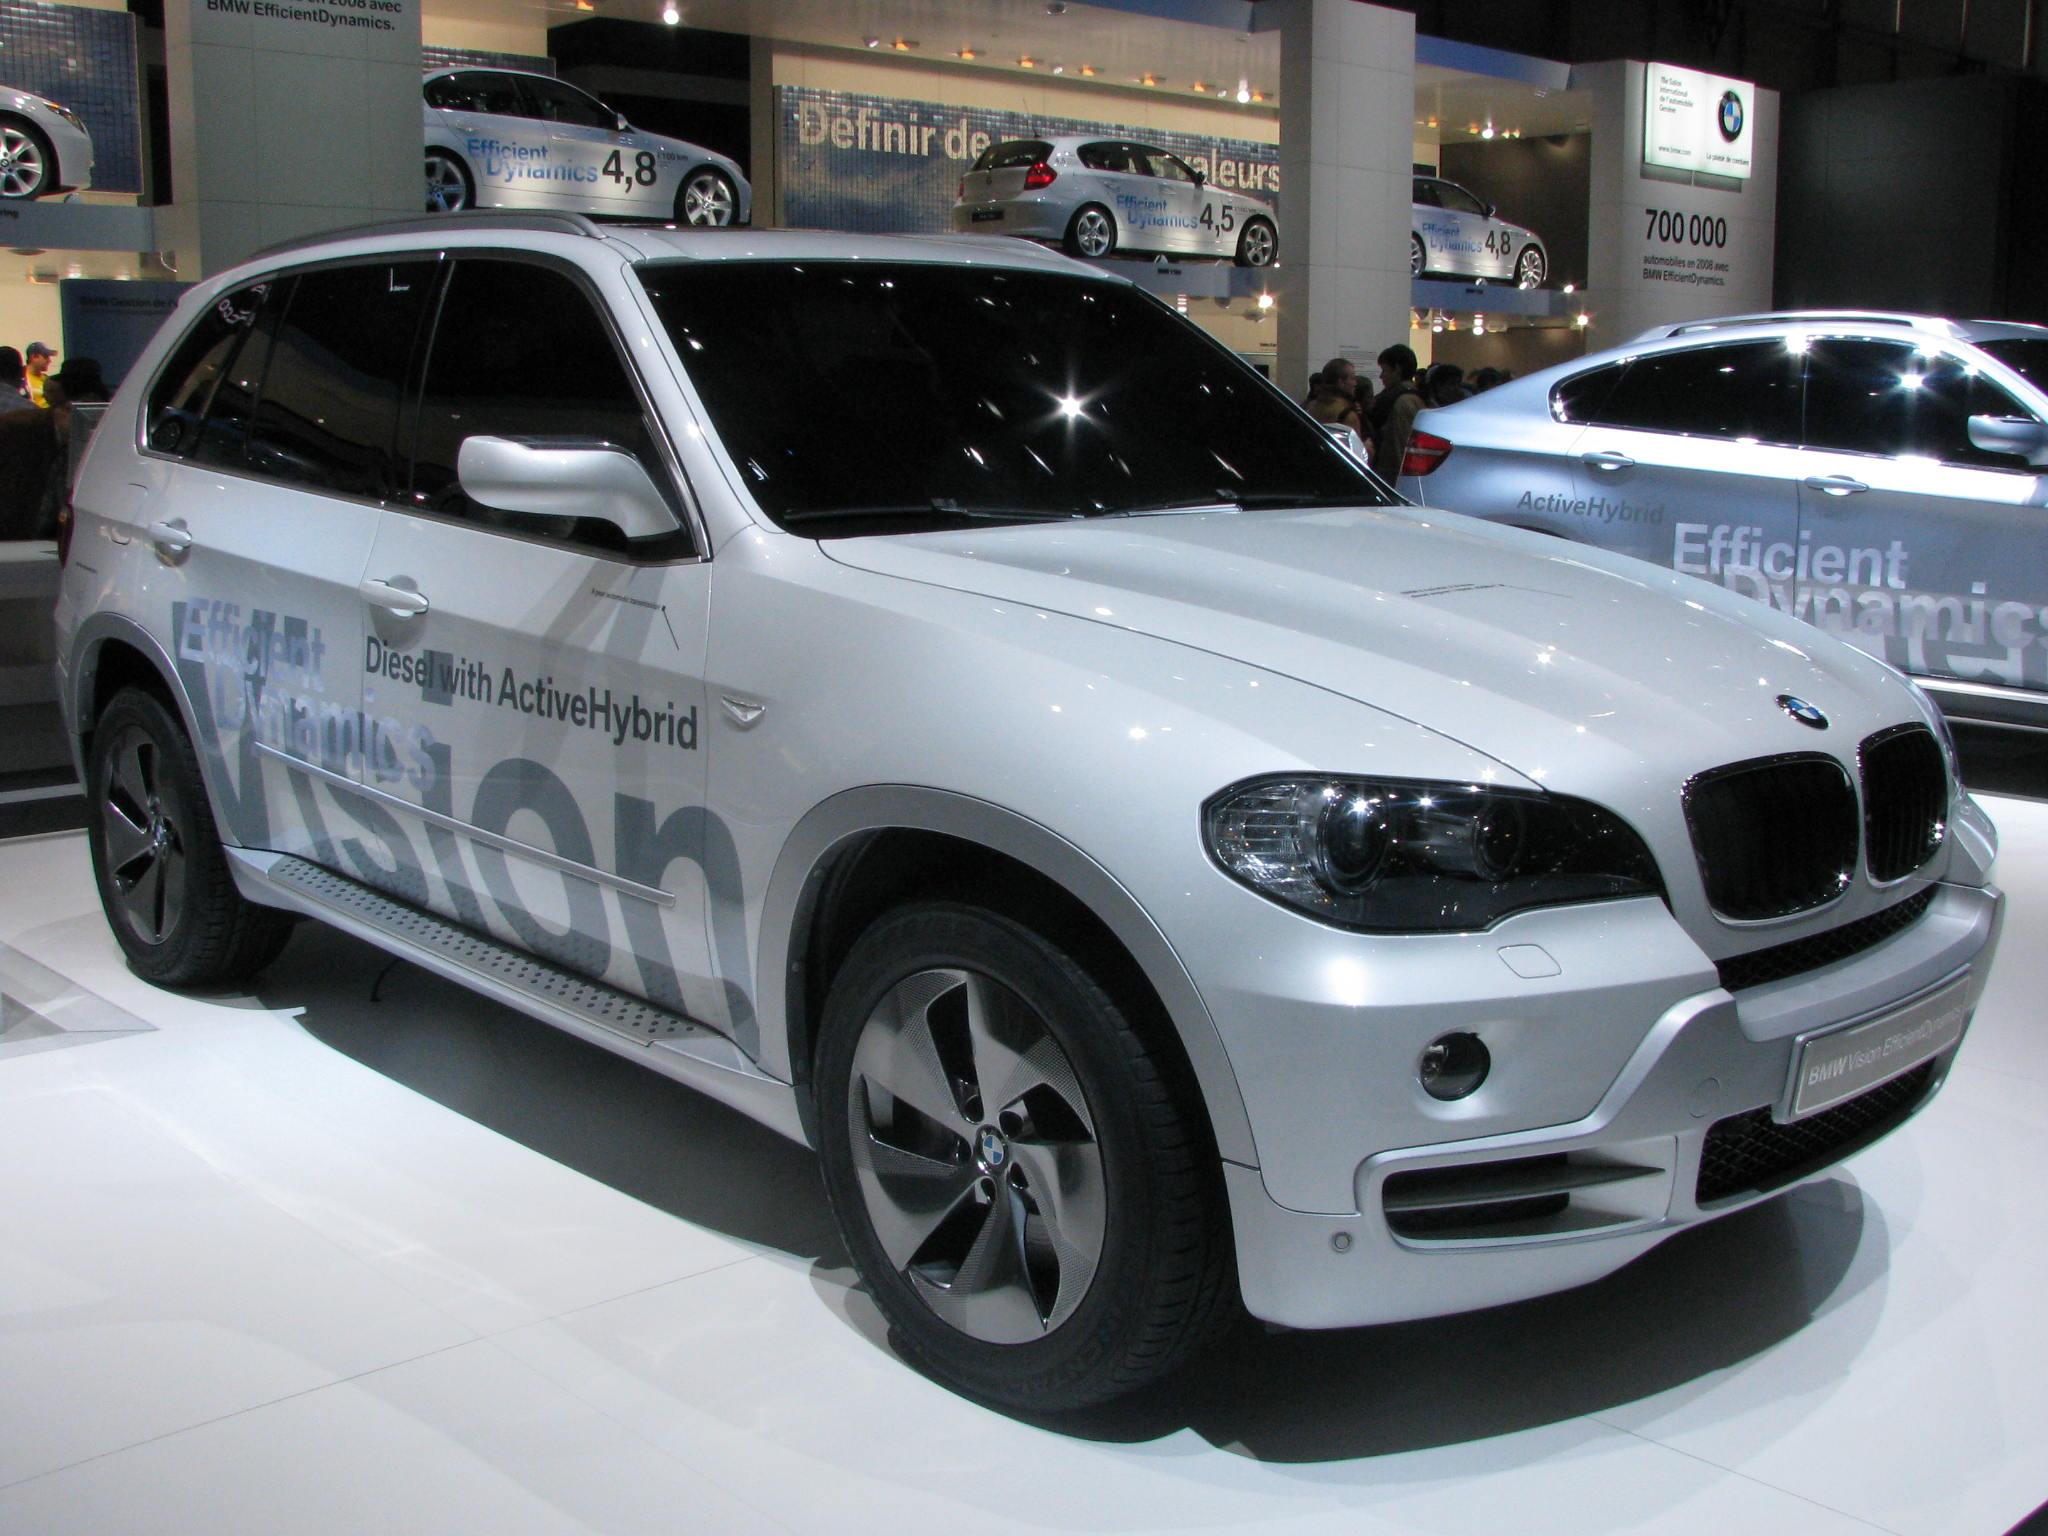 BMW Diesel active hybrid